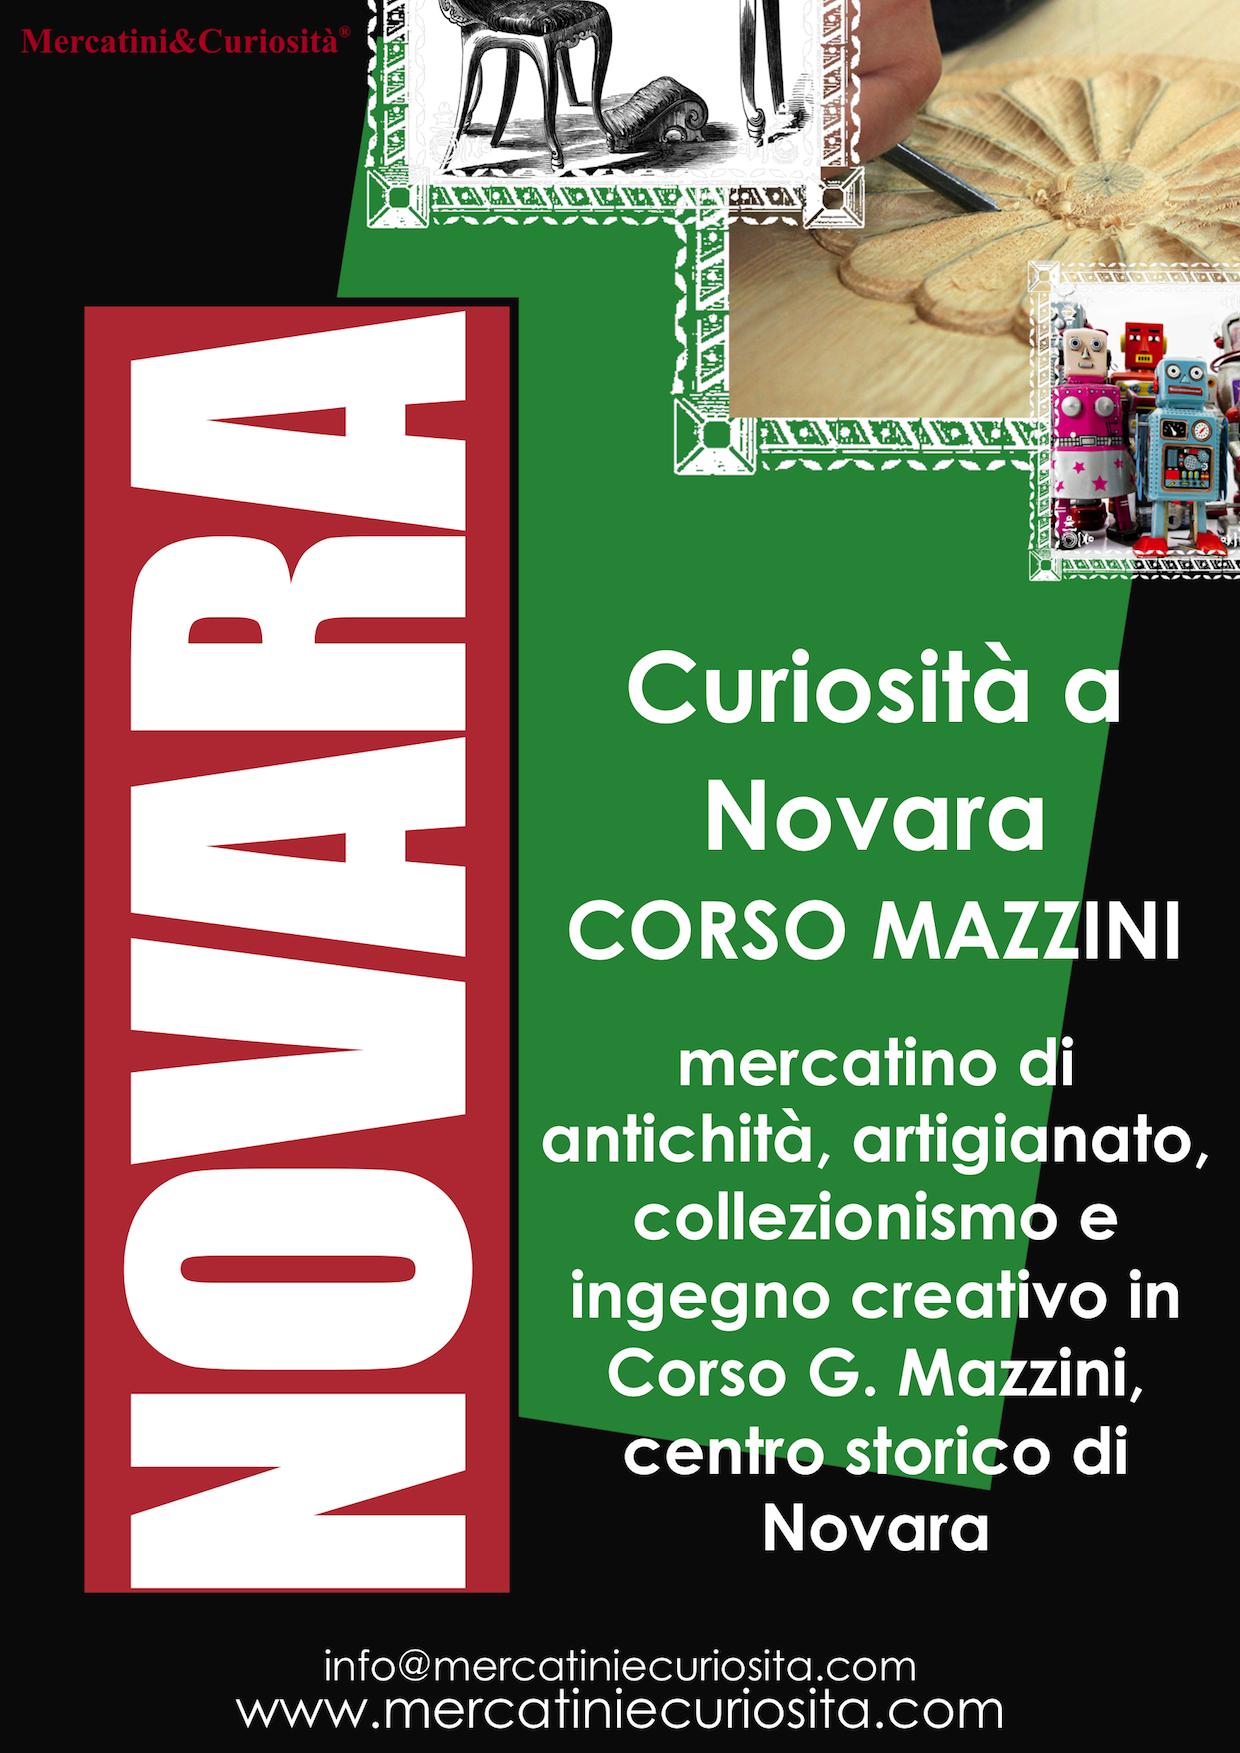 mercatino antichità artigianato collezionismo ingegno creativo corso mazzini centro storico novara